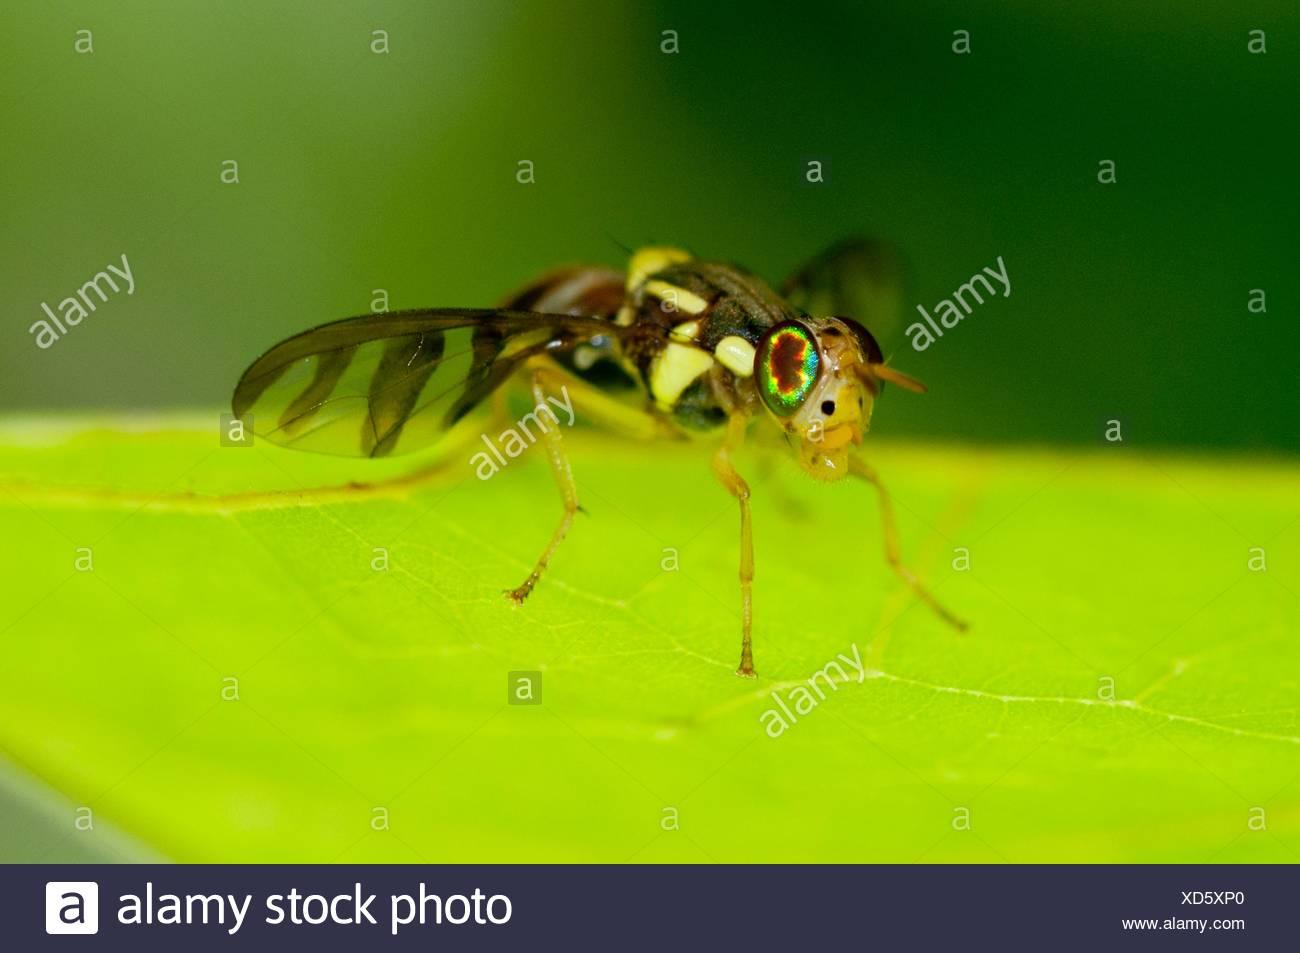 Wespe (Hymenoptera Reihenfolge), gemustert mit komplizierten Flügel auf Blatt, Klungkung, Bali, Indonesien. Stockbild